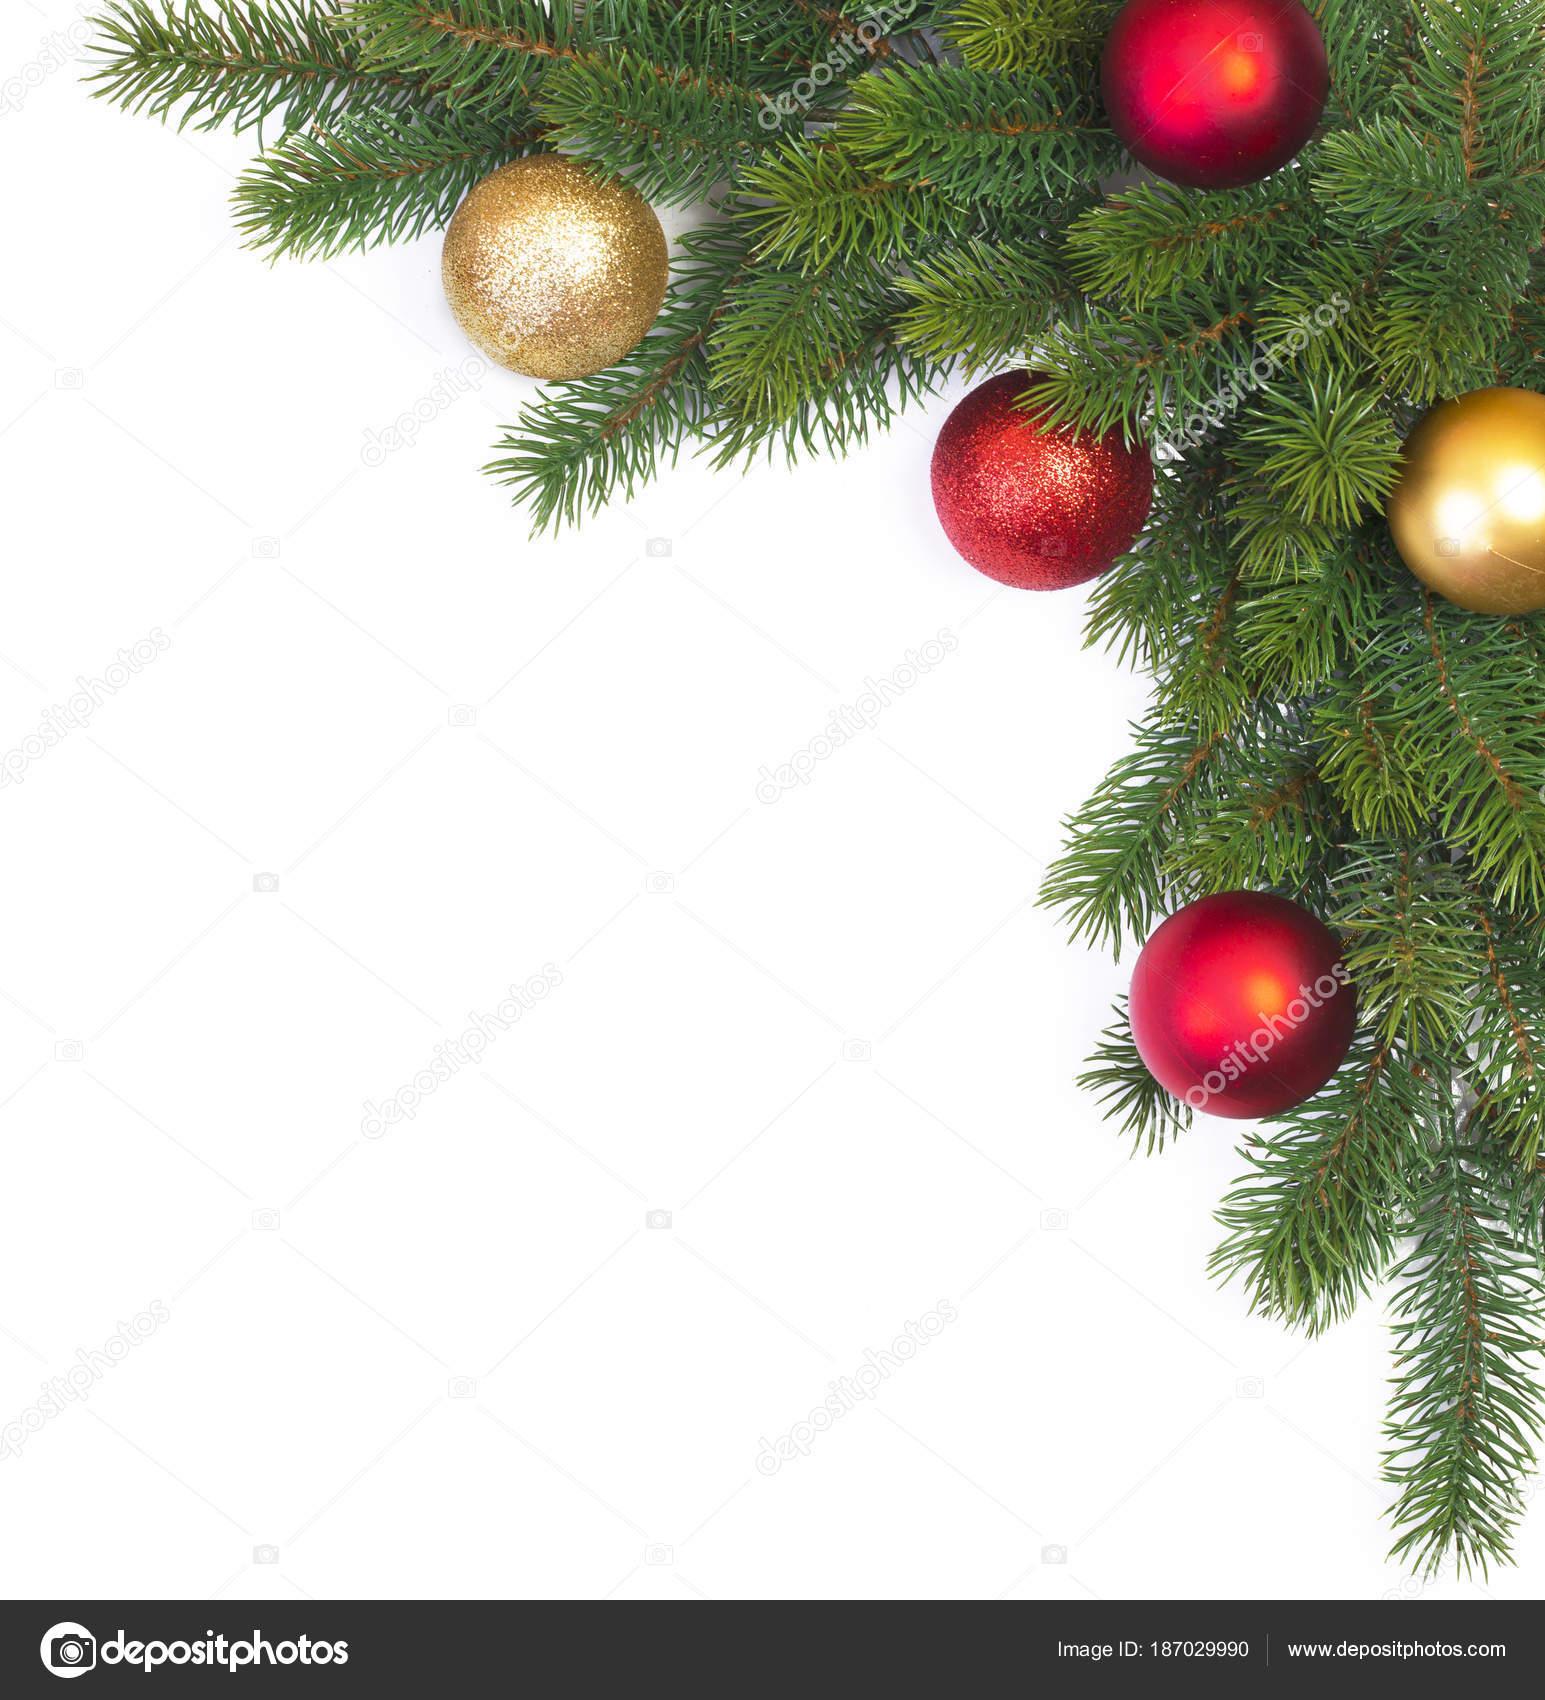 branche sapin no l avec des boules no l sur fond blanc photographie lesuhova 187029990. Black Bedroom Furniture Sets. Home Design Ideas